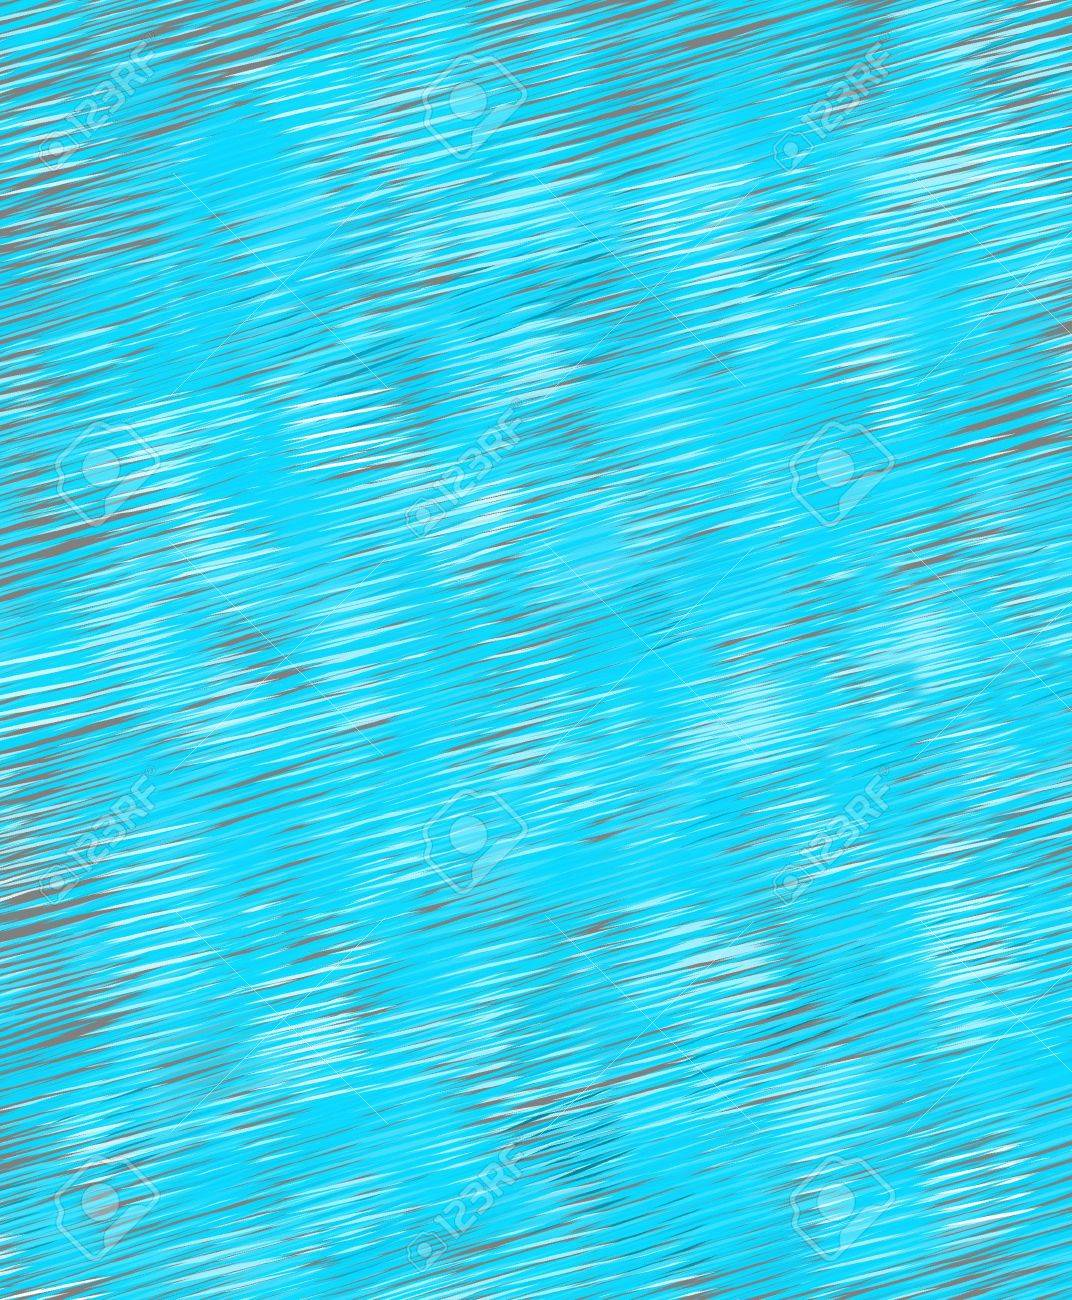 Immagini Stock Anticato Tinta Unita Aqua Sfondo è Stato Strofinato